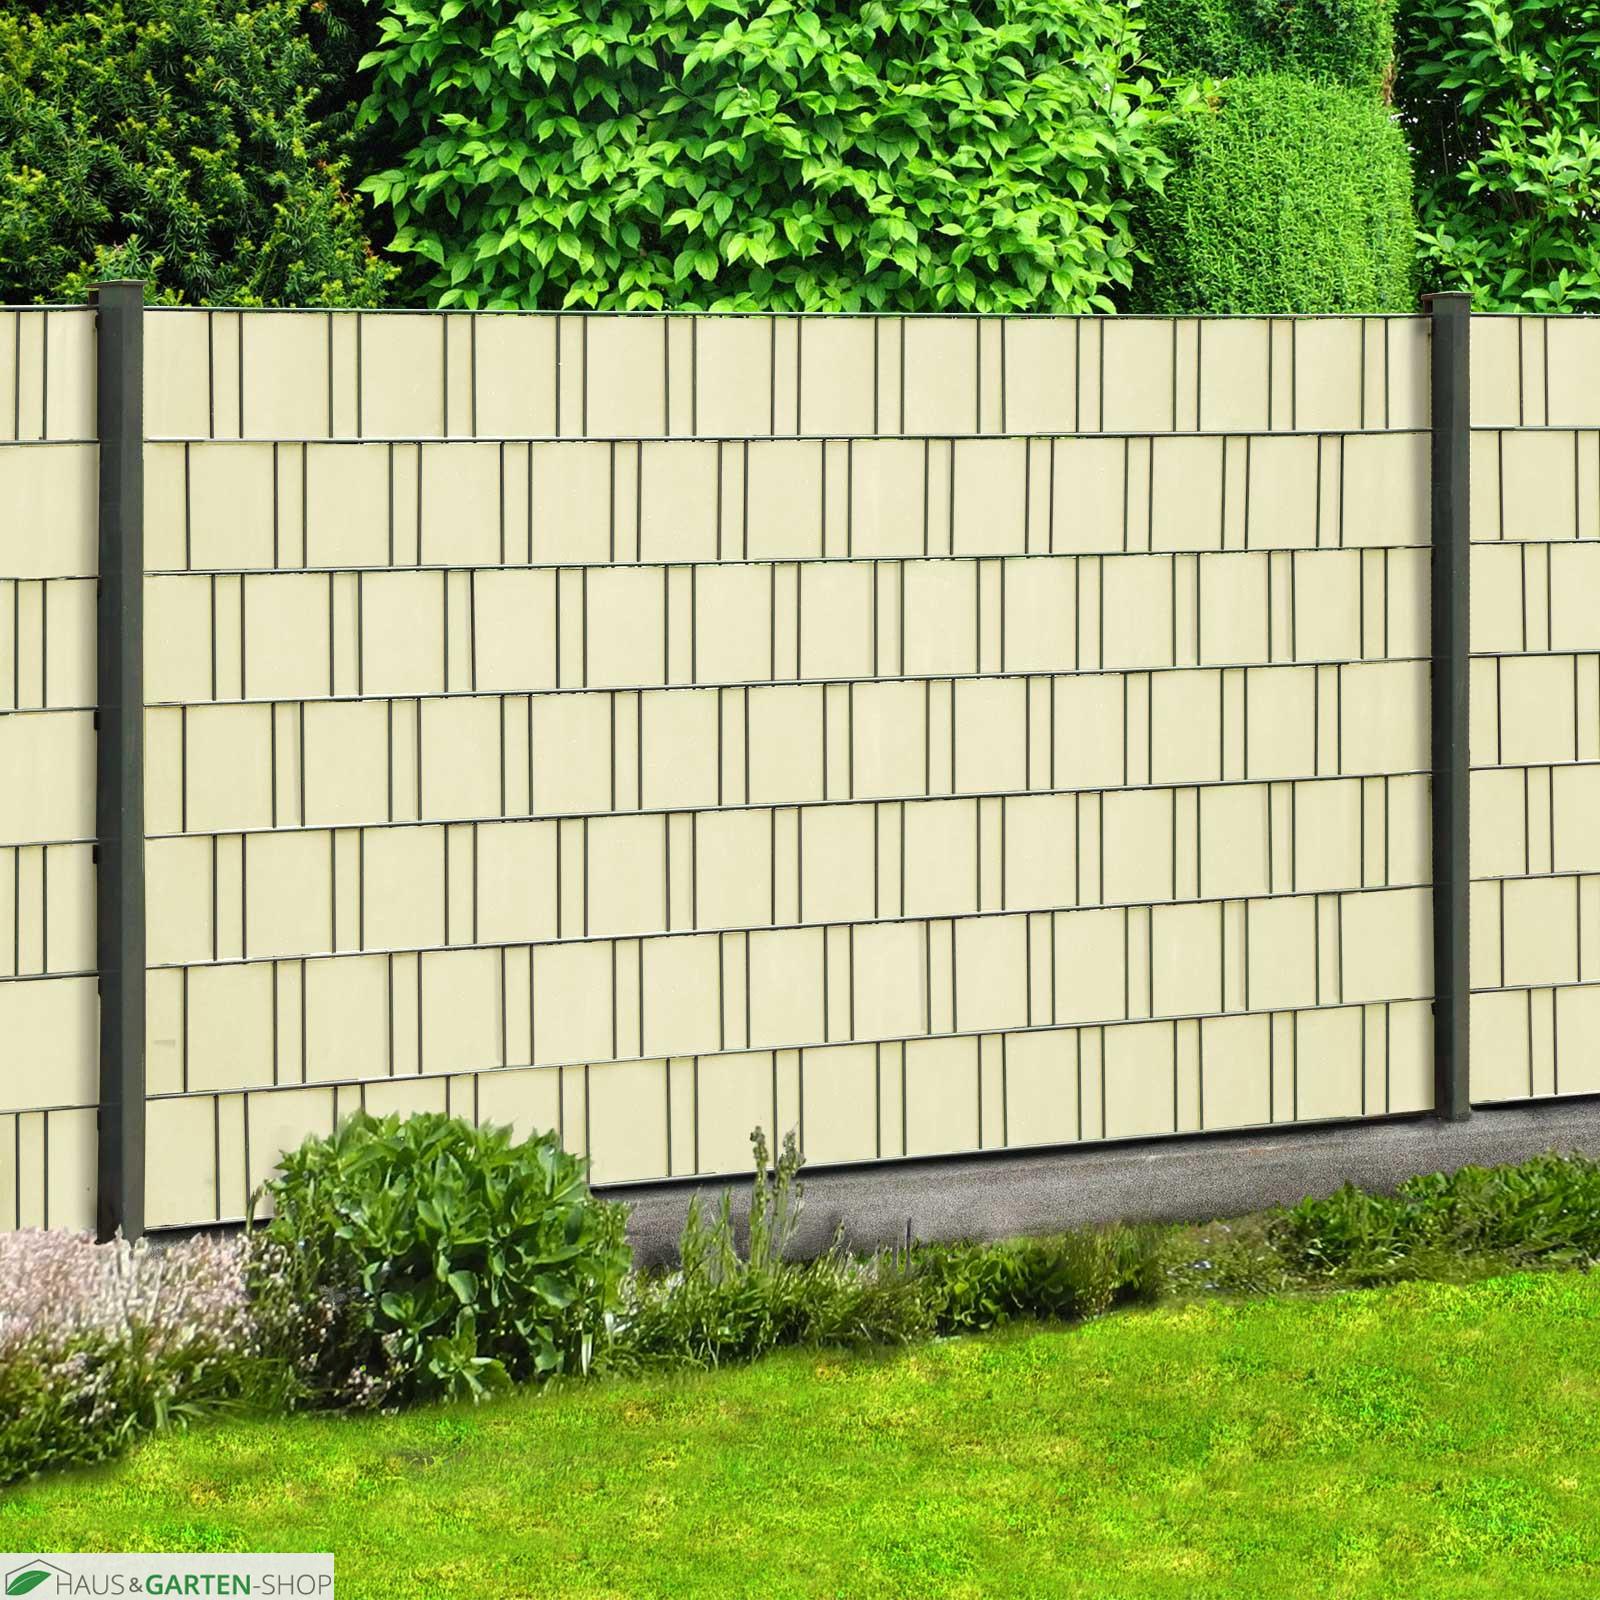 sichtschutzstreifen doppelstabzaun weich pvc blickdicht creme beige. Black Bedroom Furniture Sets. Home Design Ideas